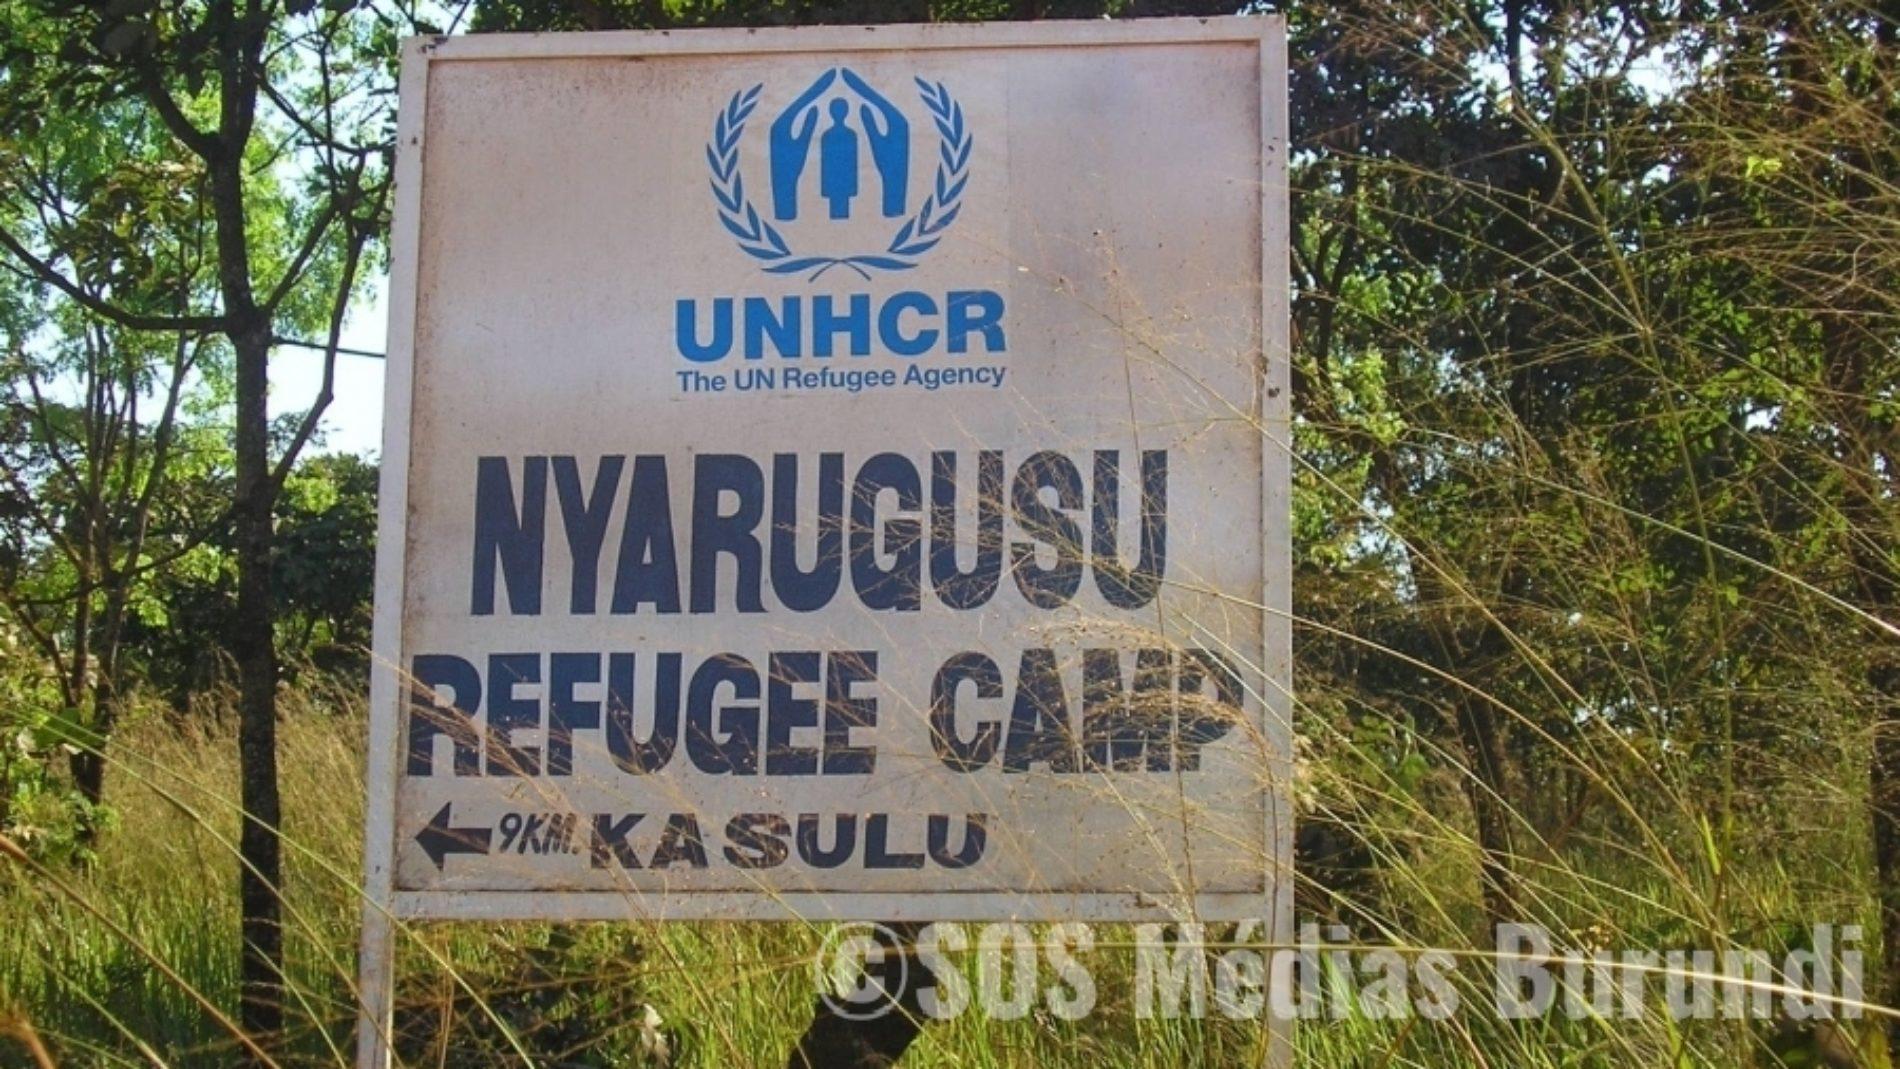 Nyarugusu (Tanzanie) : des réfugiés craignent d'être attaqués